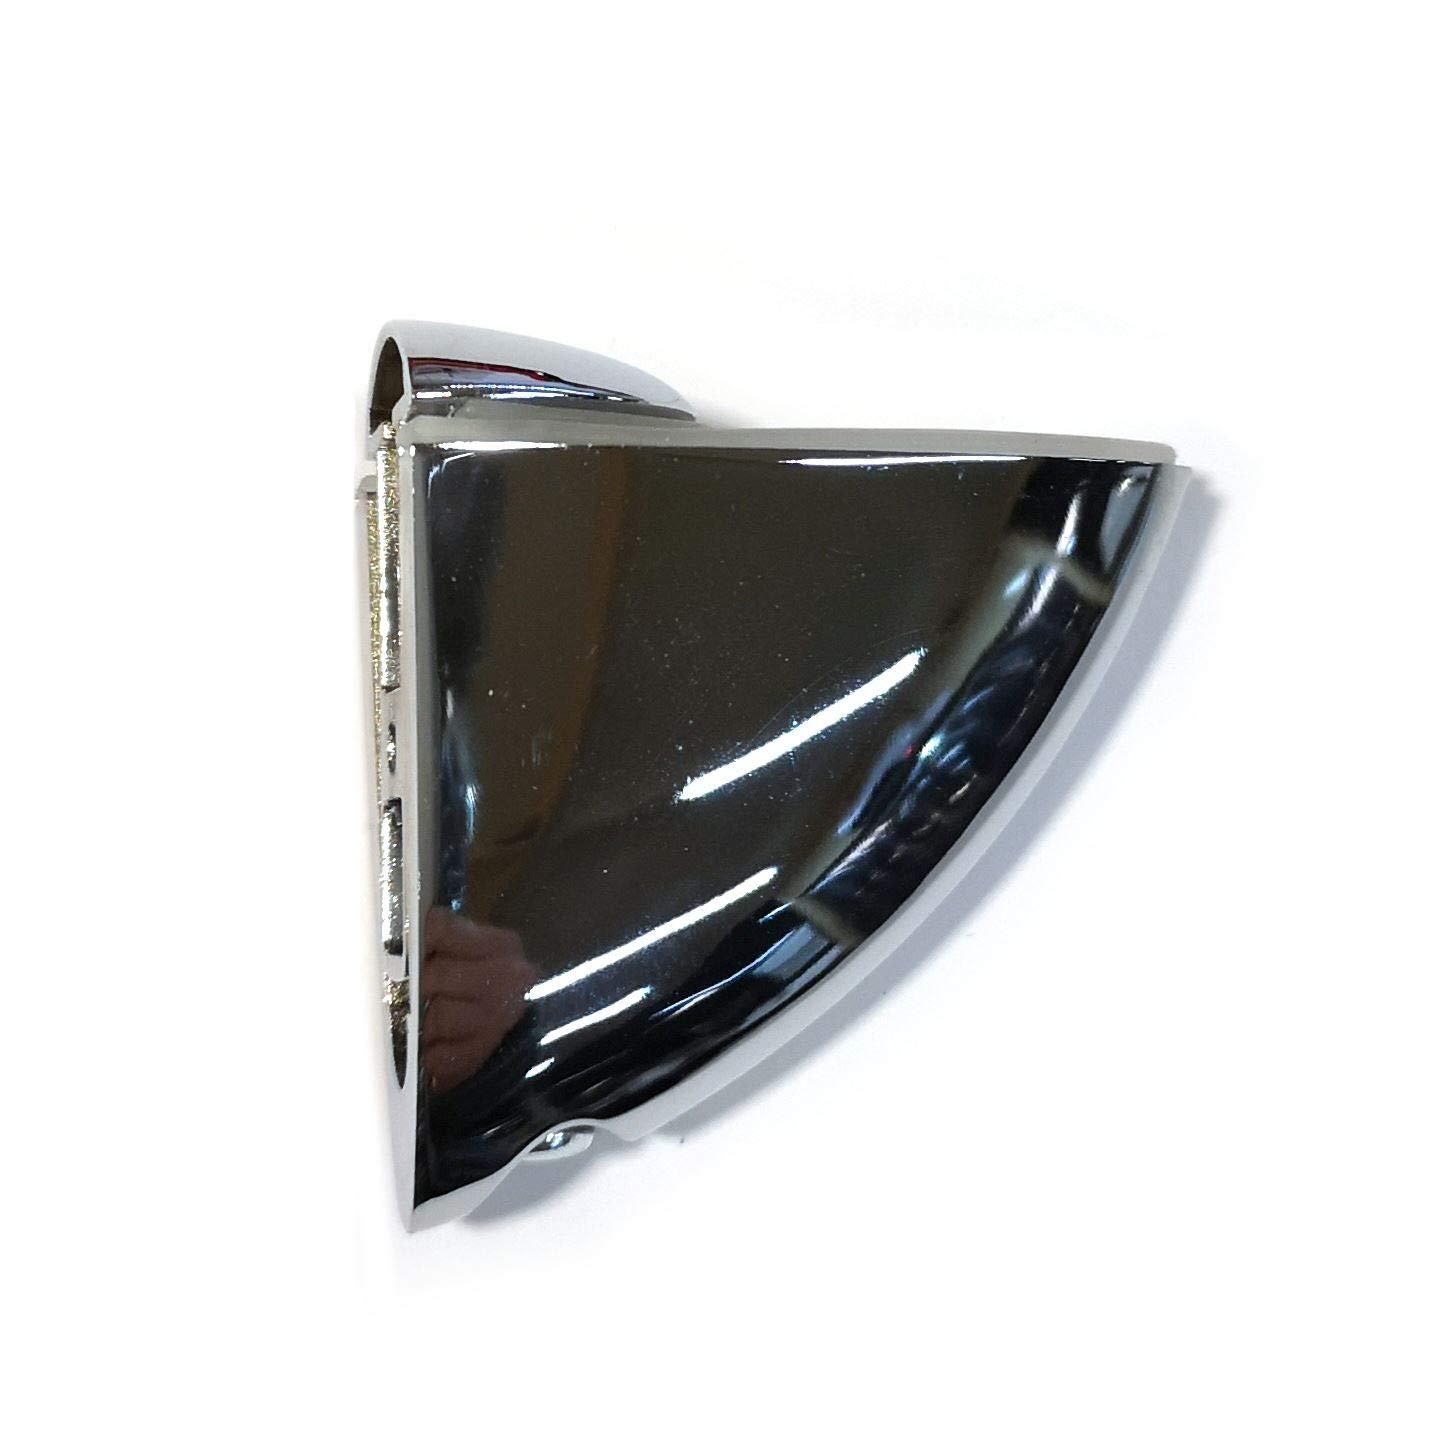 2x Support pelicano r/églable pour /étag/ère Chrome 75x67mm Moyen